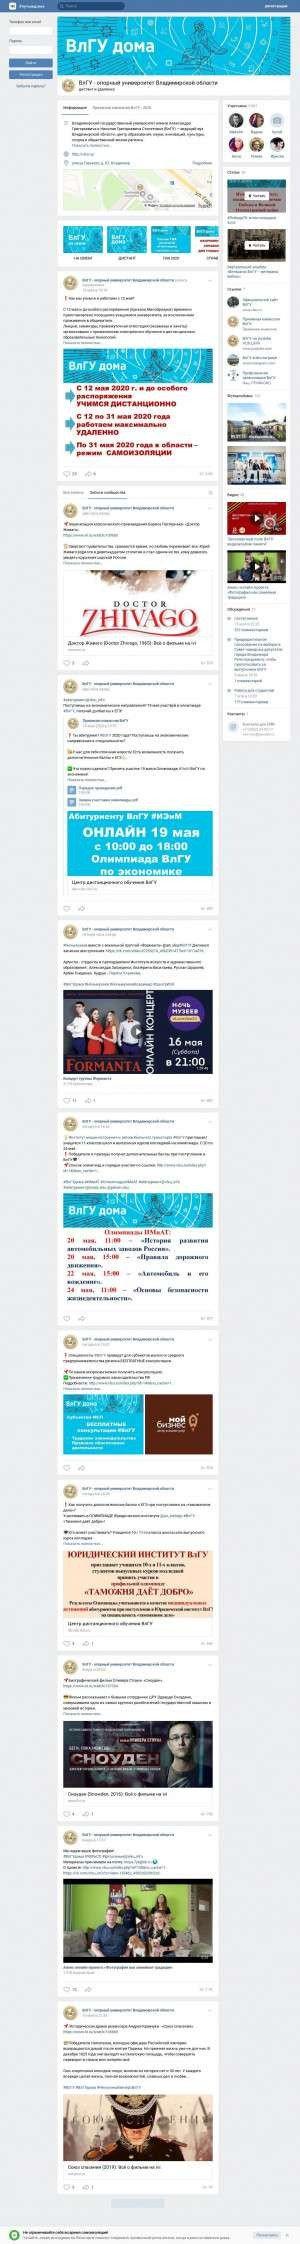 Предпросмотр для vk.com — Владимирский государственный университет им. А.Г. и Н.Г. Столетовых